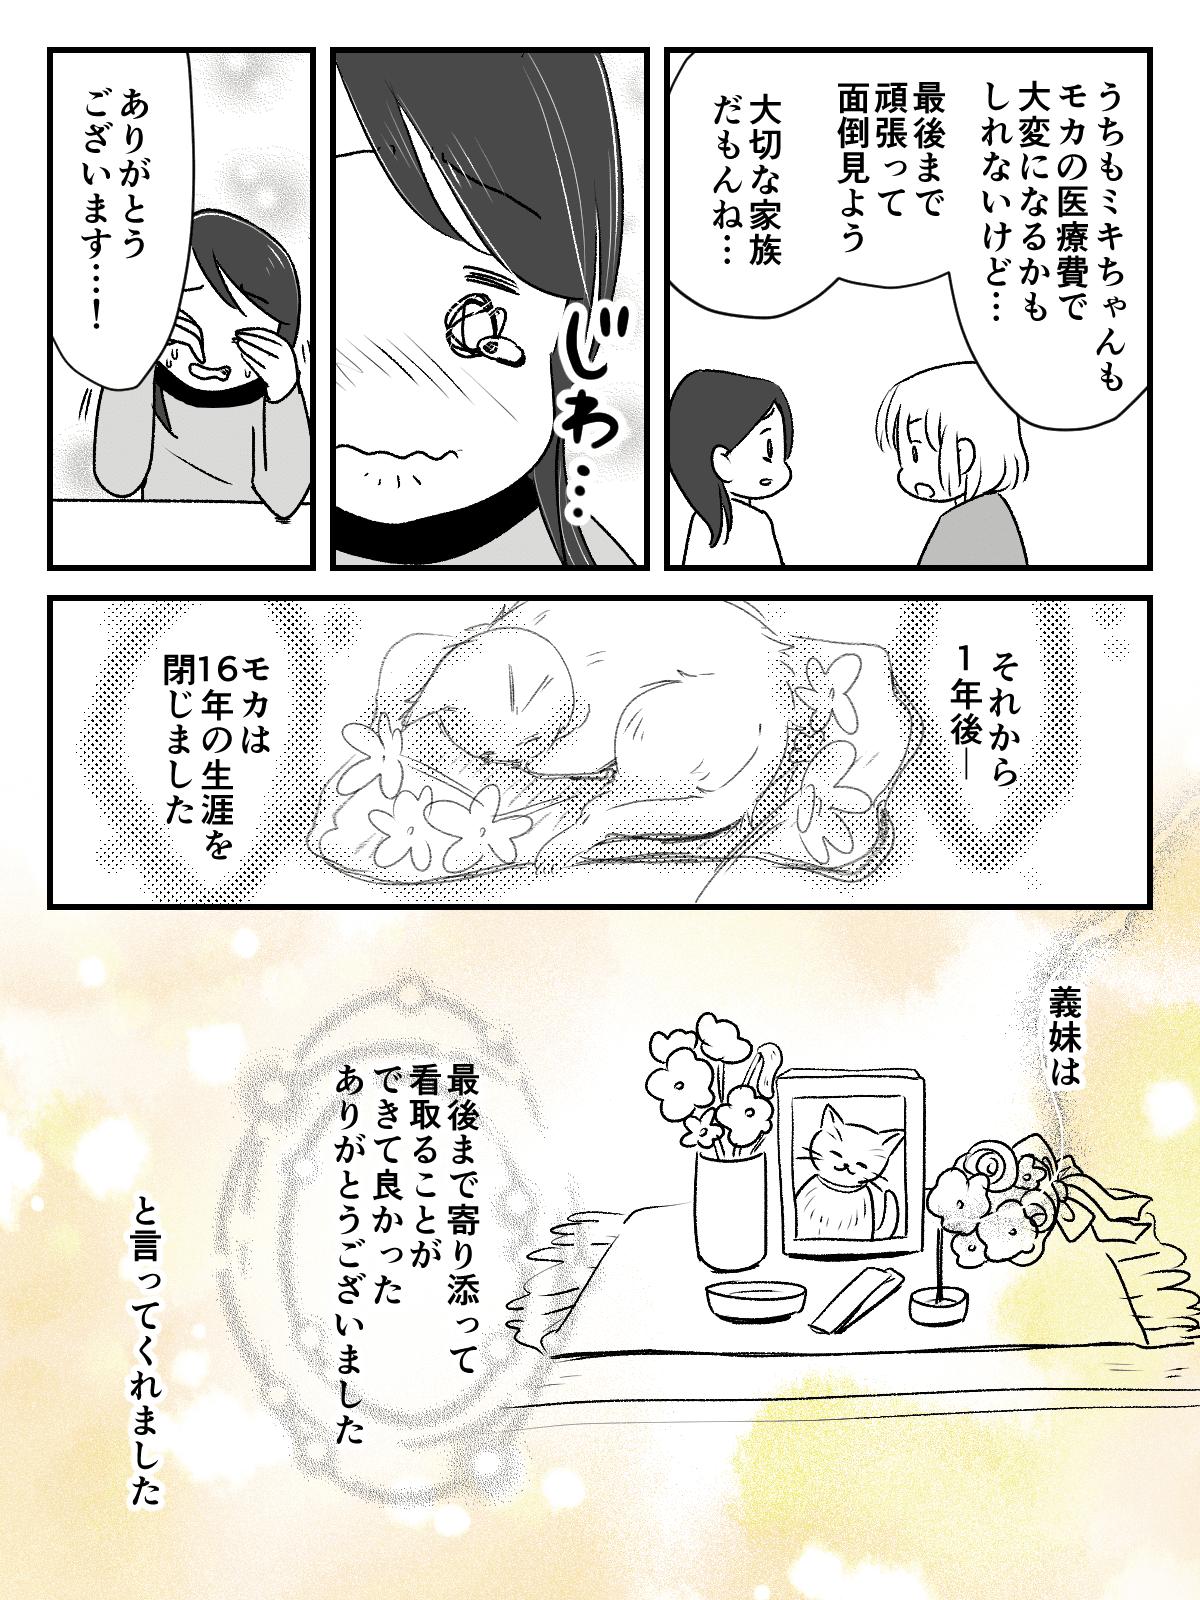 独身の義妹が金銭_出力_006